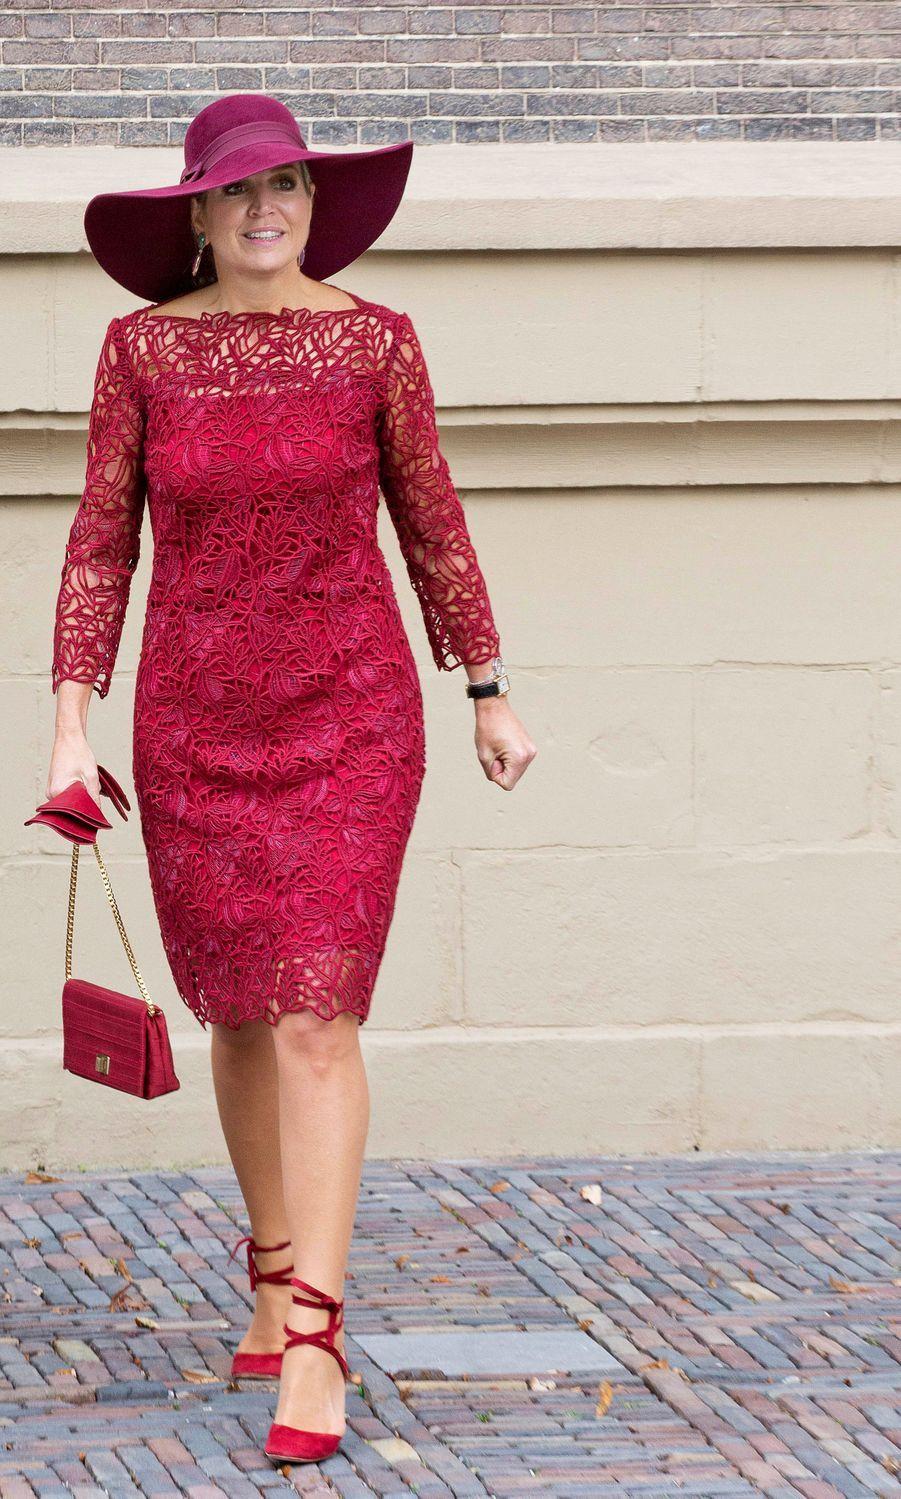 La reine Maxima des Pays-Bas en total look framboise à La Haye, le 4 octobre 2017